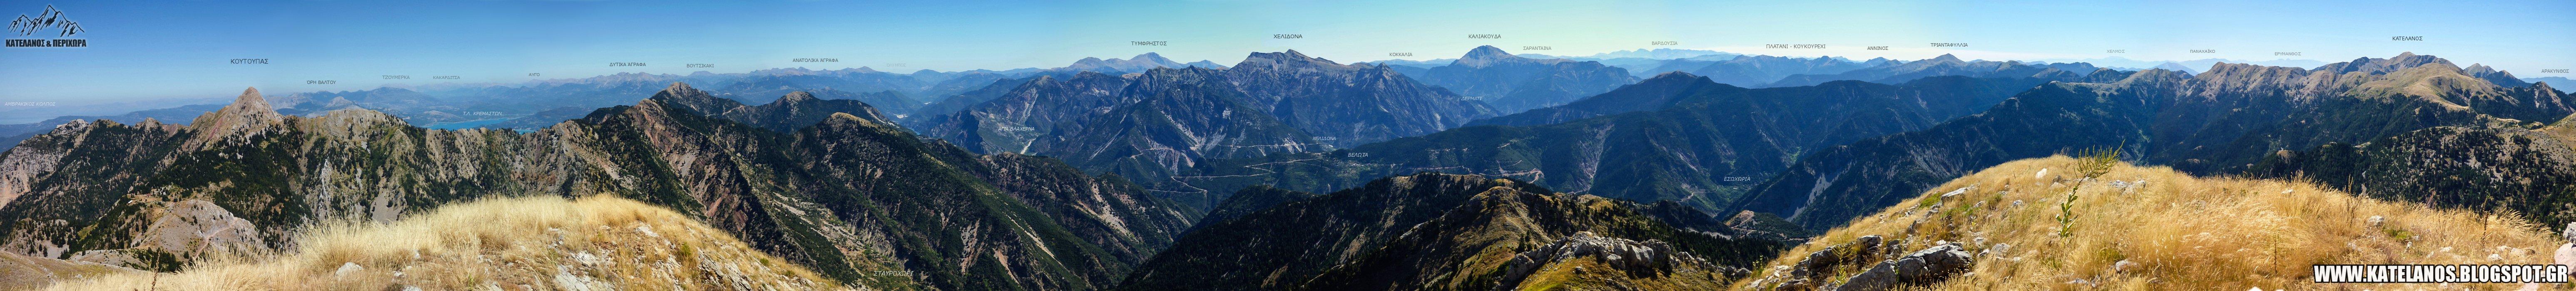 πανοραμικη ψωτογραφια θέα από την κορυφή νεραιδοβούνι παναιτωλικό όρος πανόραμα